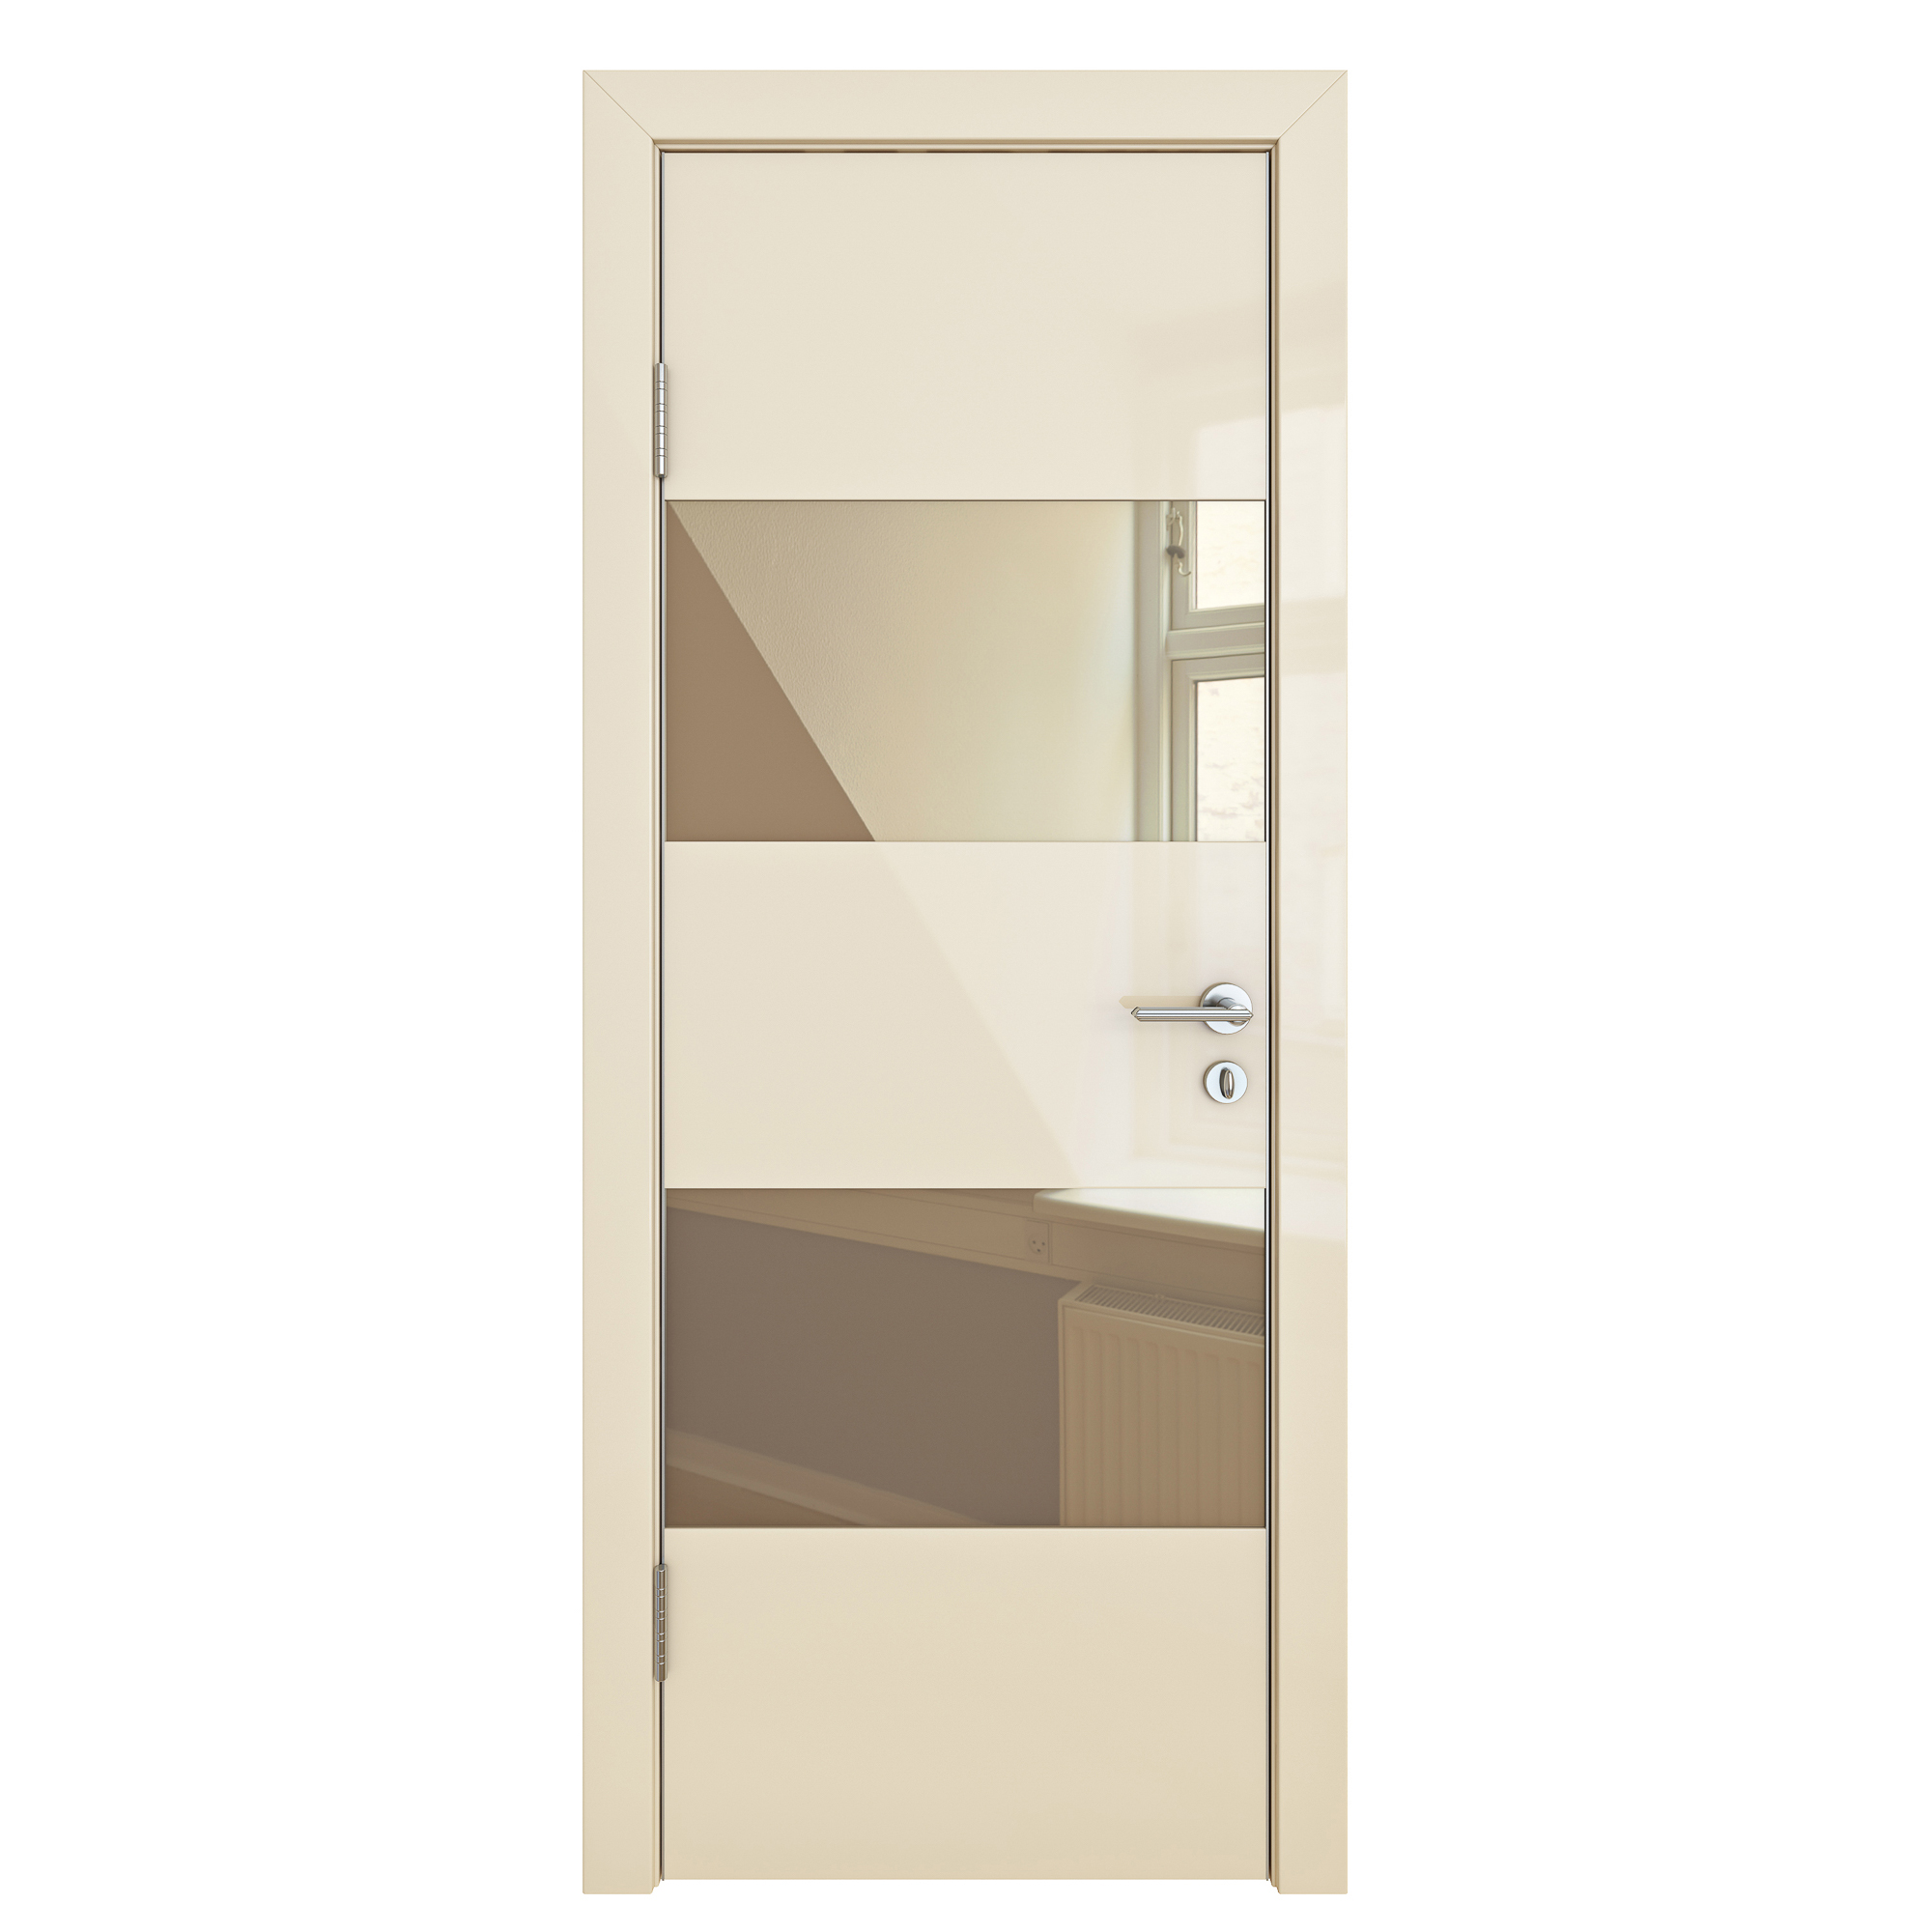 Межкомнатная шумоизоляционная дверь ДО-608 Ваниль глянец/бронза 200х60 Дверная Линия фото